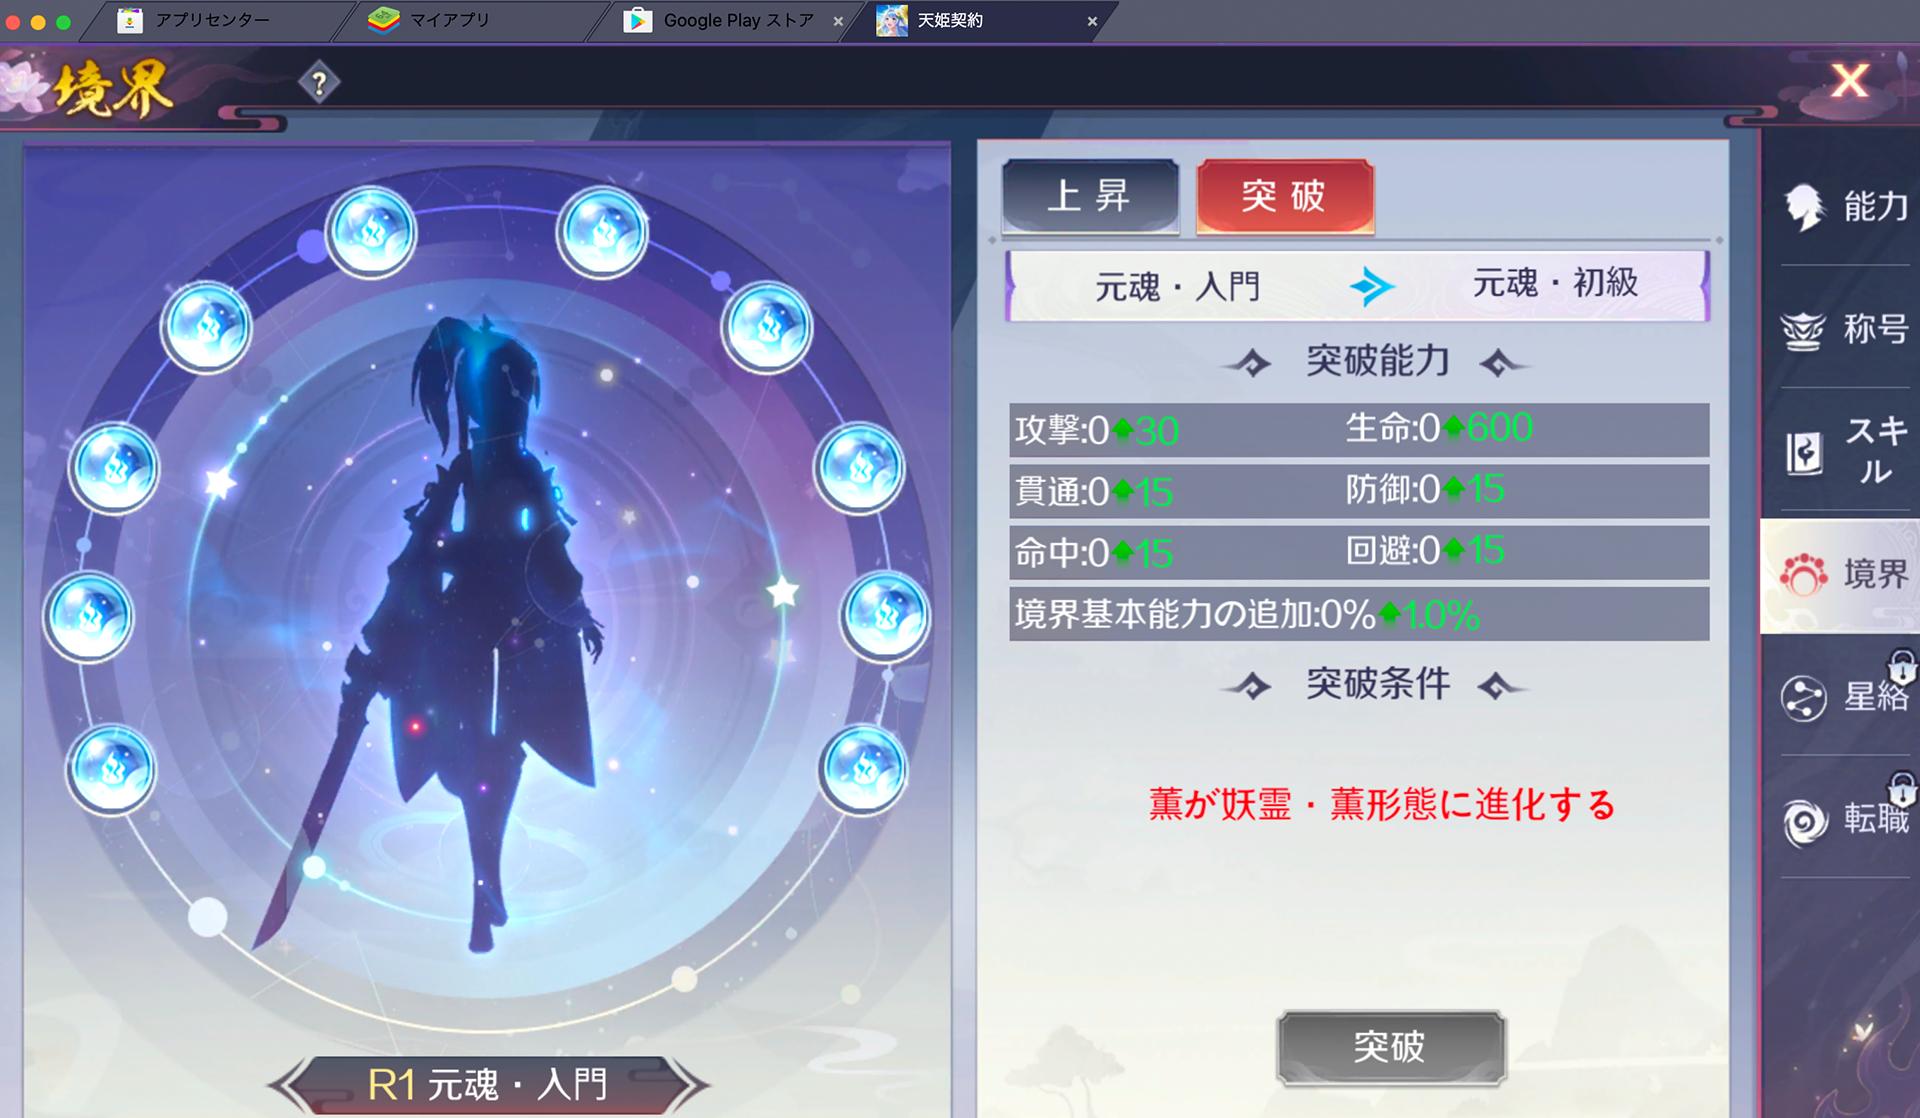 BlueStacksを使ってPCで『天姫契約~ファイナルプリンセス~』を遊ぼう